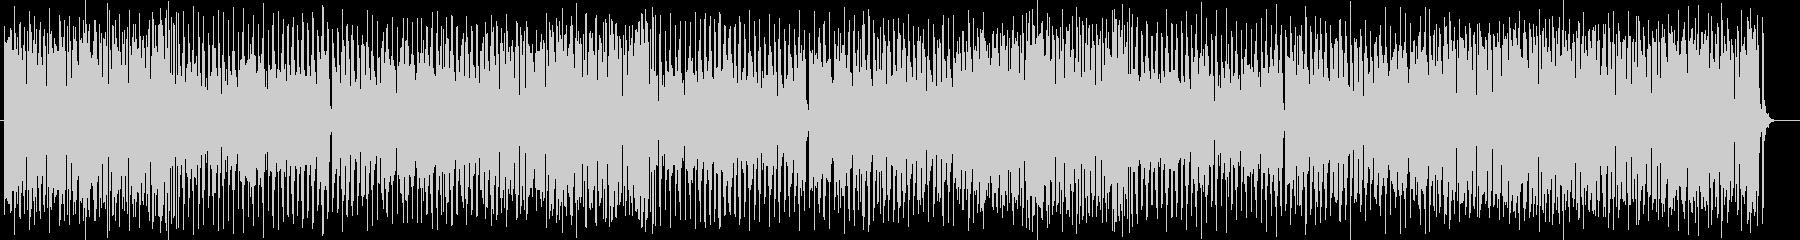 陽気なシンセサイザー・木管楽器サウンドの未再生の波形